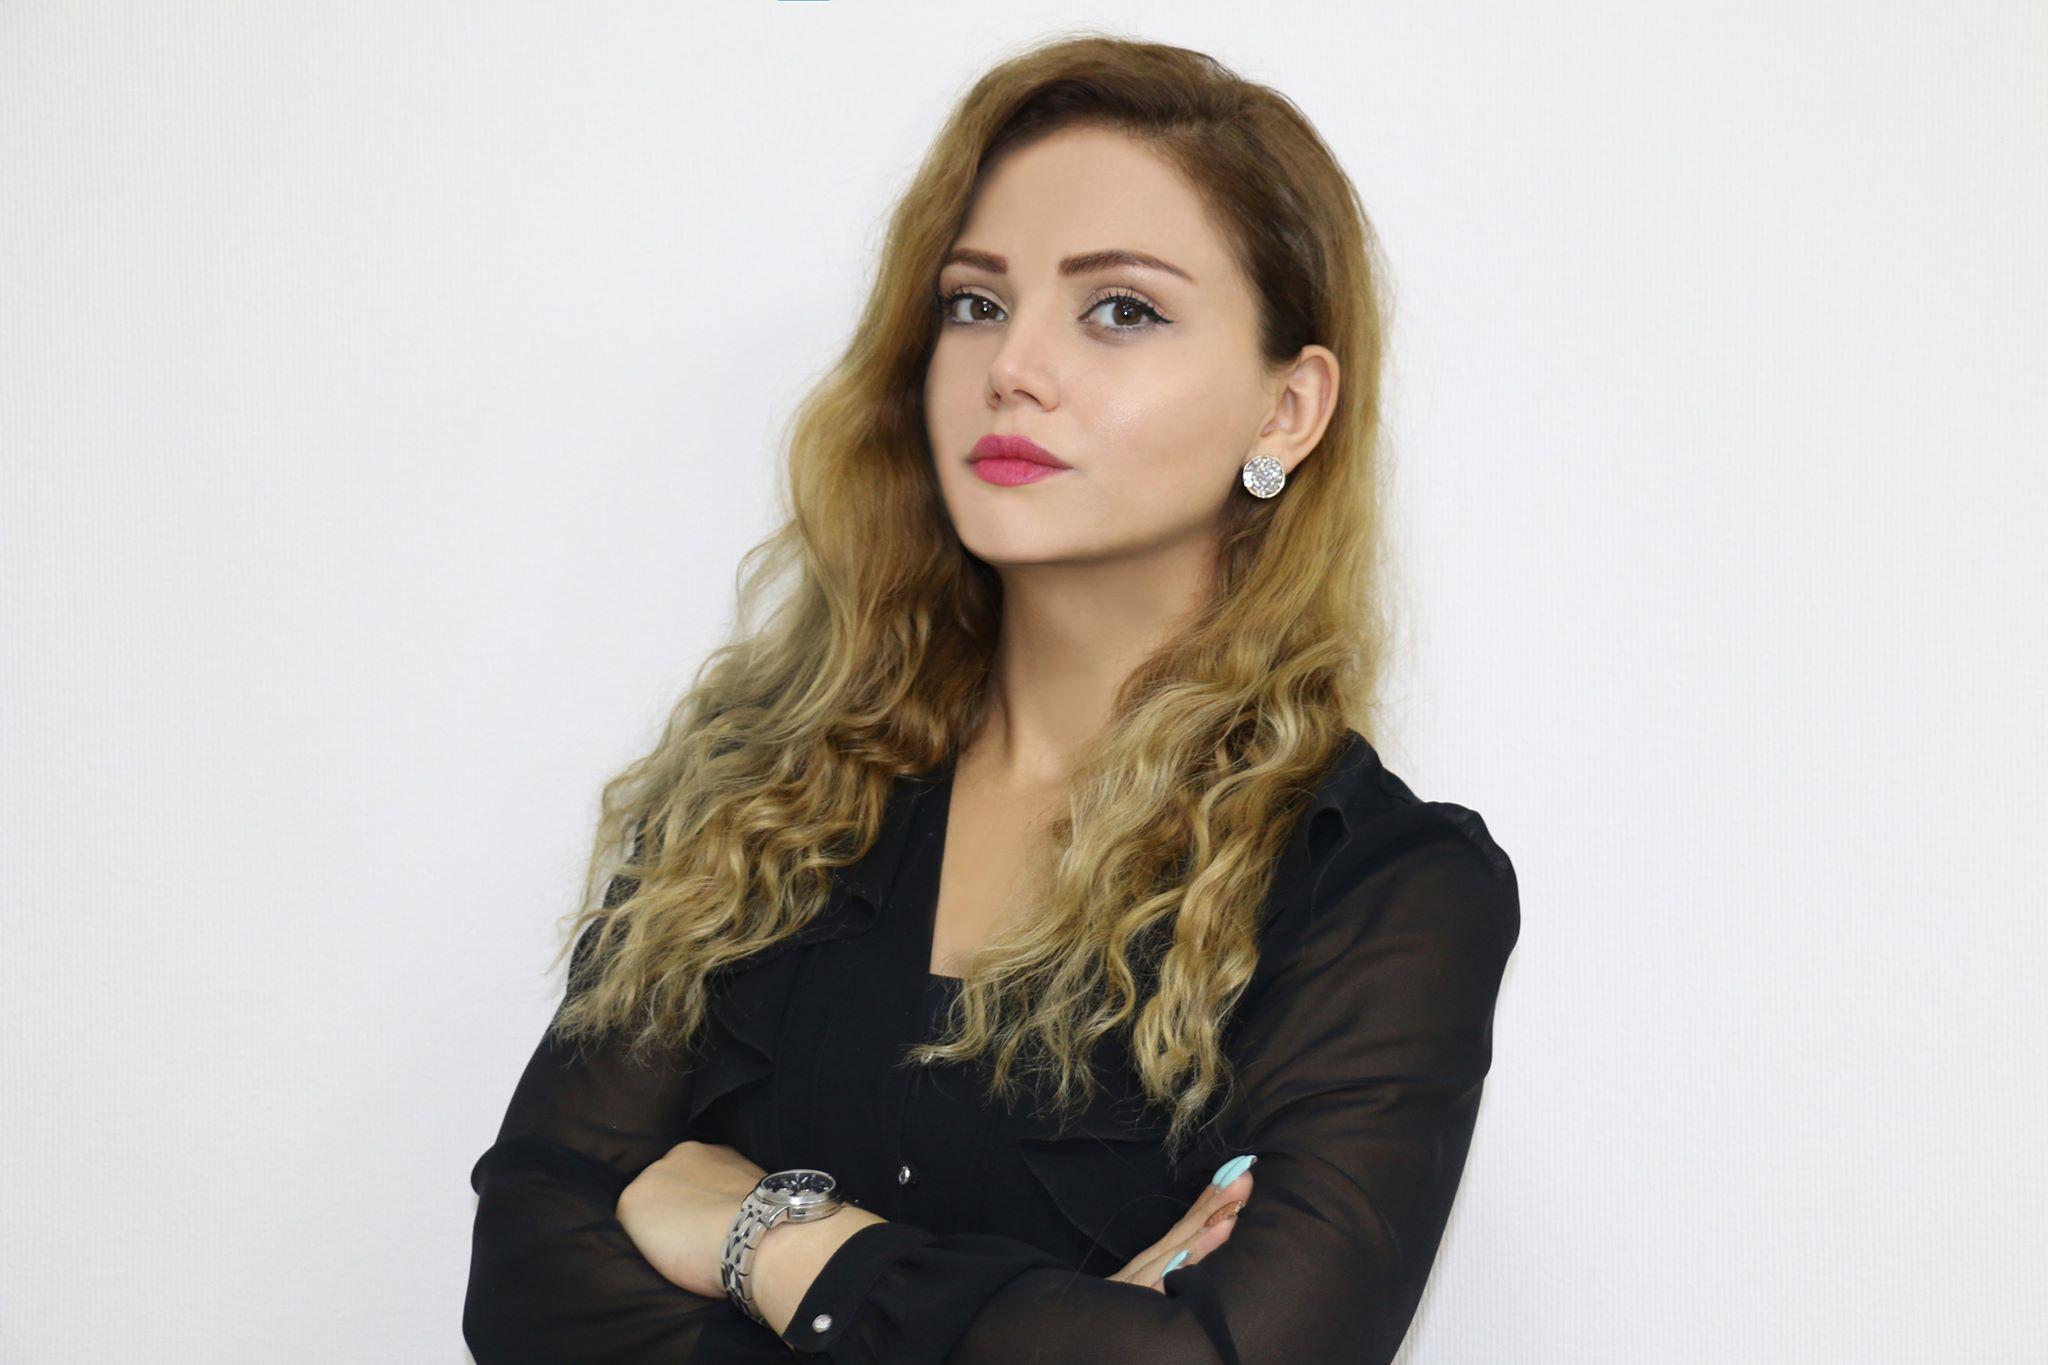 Azərbaycan kibertəhlükəsizlik indeksinə görə MDB ölkələri arasında 3-cü yerdədir